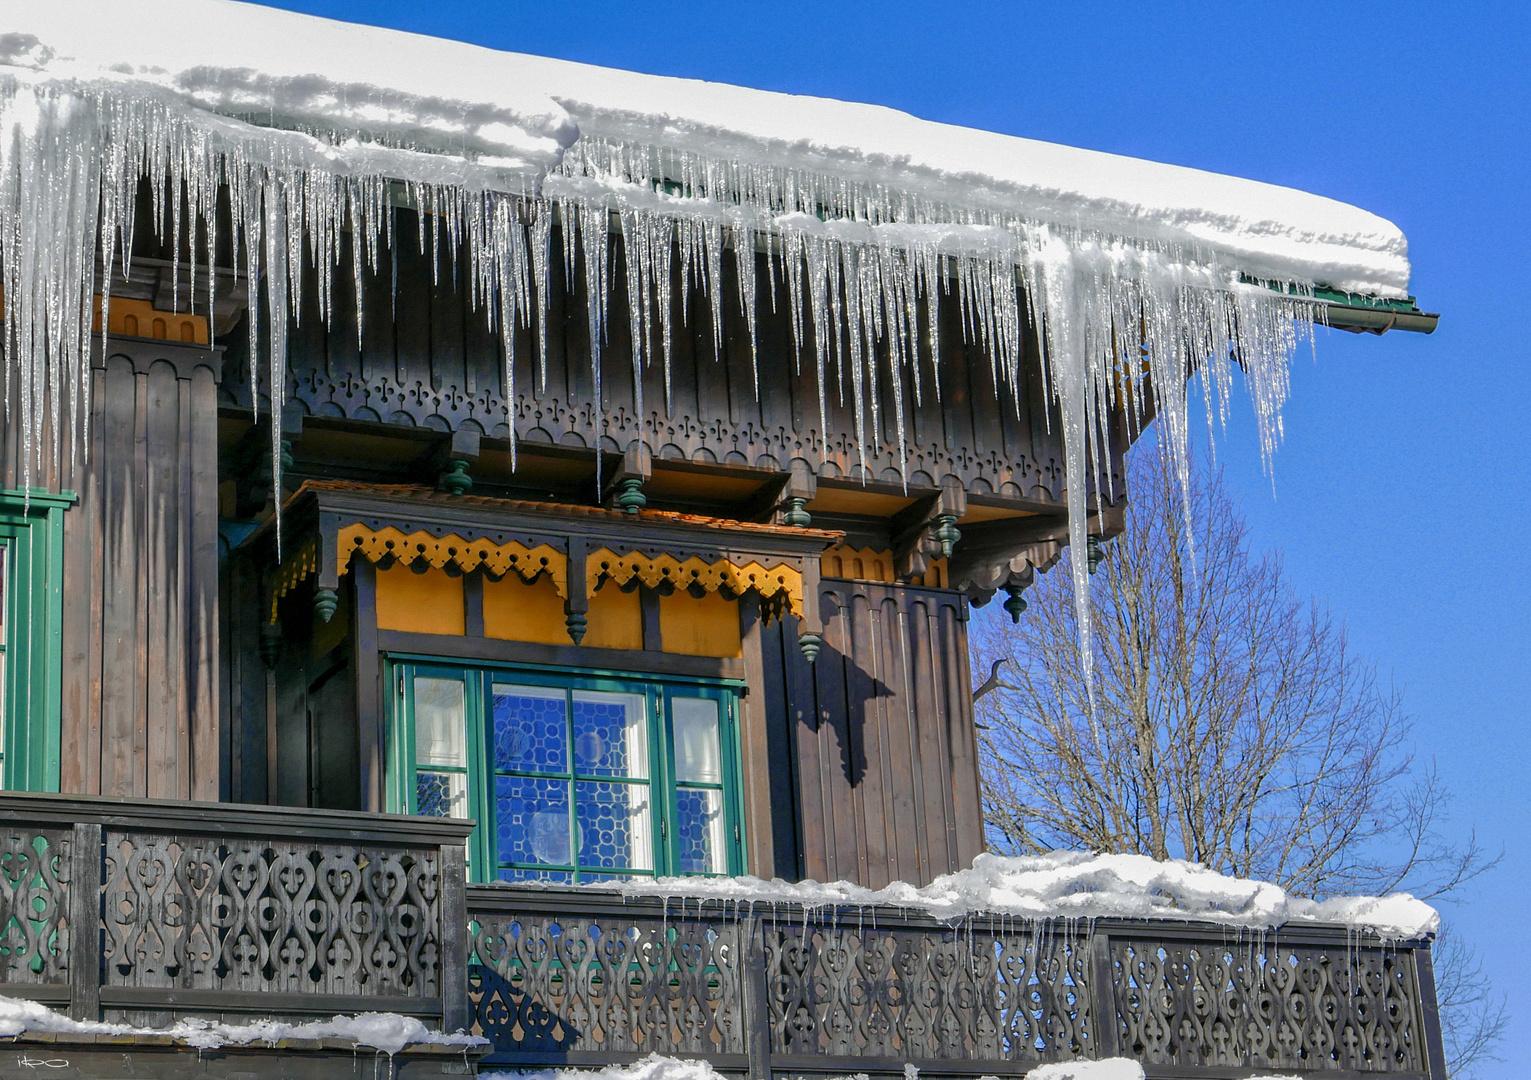 eisorgel foto  bild  jahreszeiten winter natur bilder